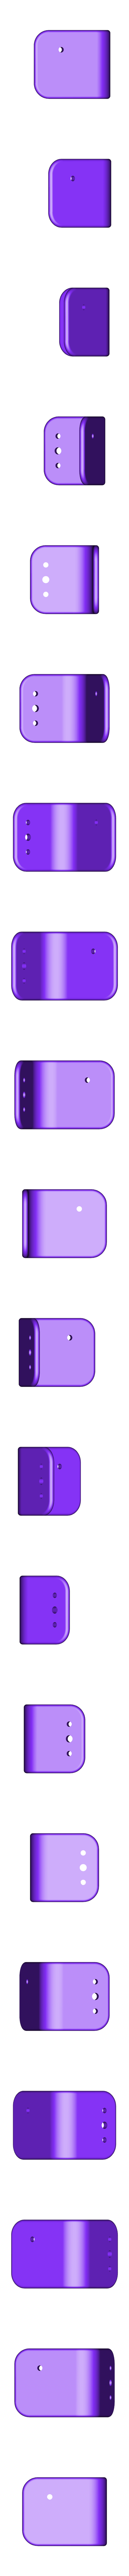 camera_mount.STL Télécharger fichier STL gratuit Traxbot - une construction EZ-robot • Design imprimable en 3D, Laevalia